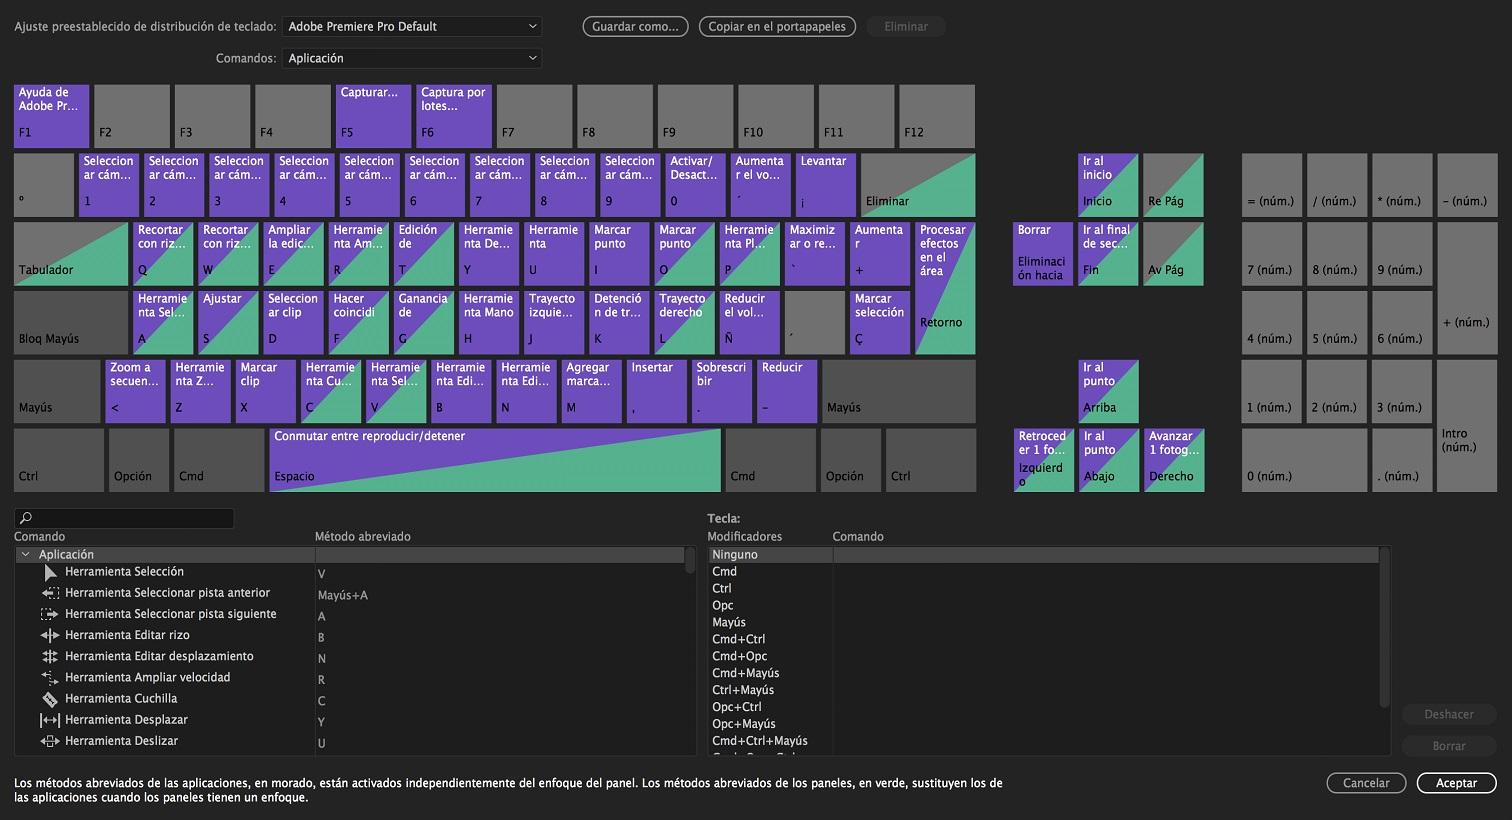 Ajustes preestablecidos y métodos abreviados de teclado ...